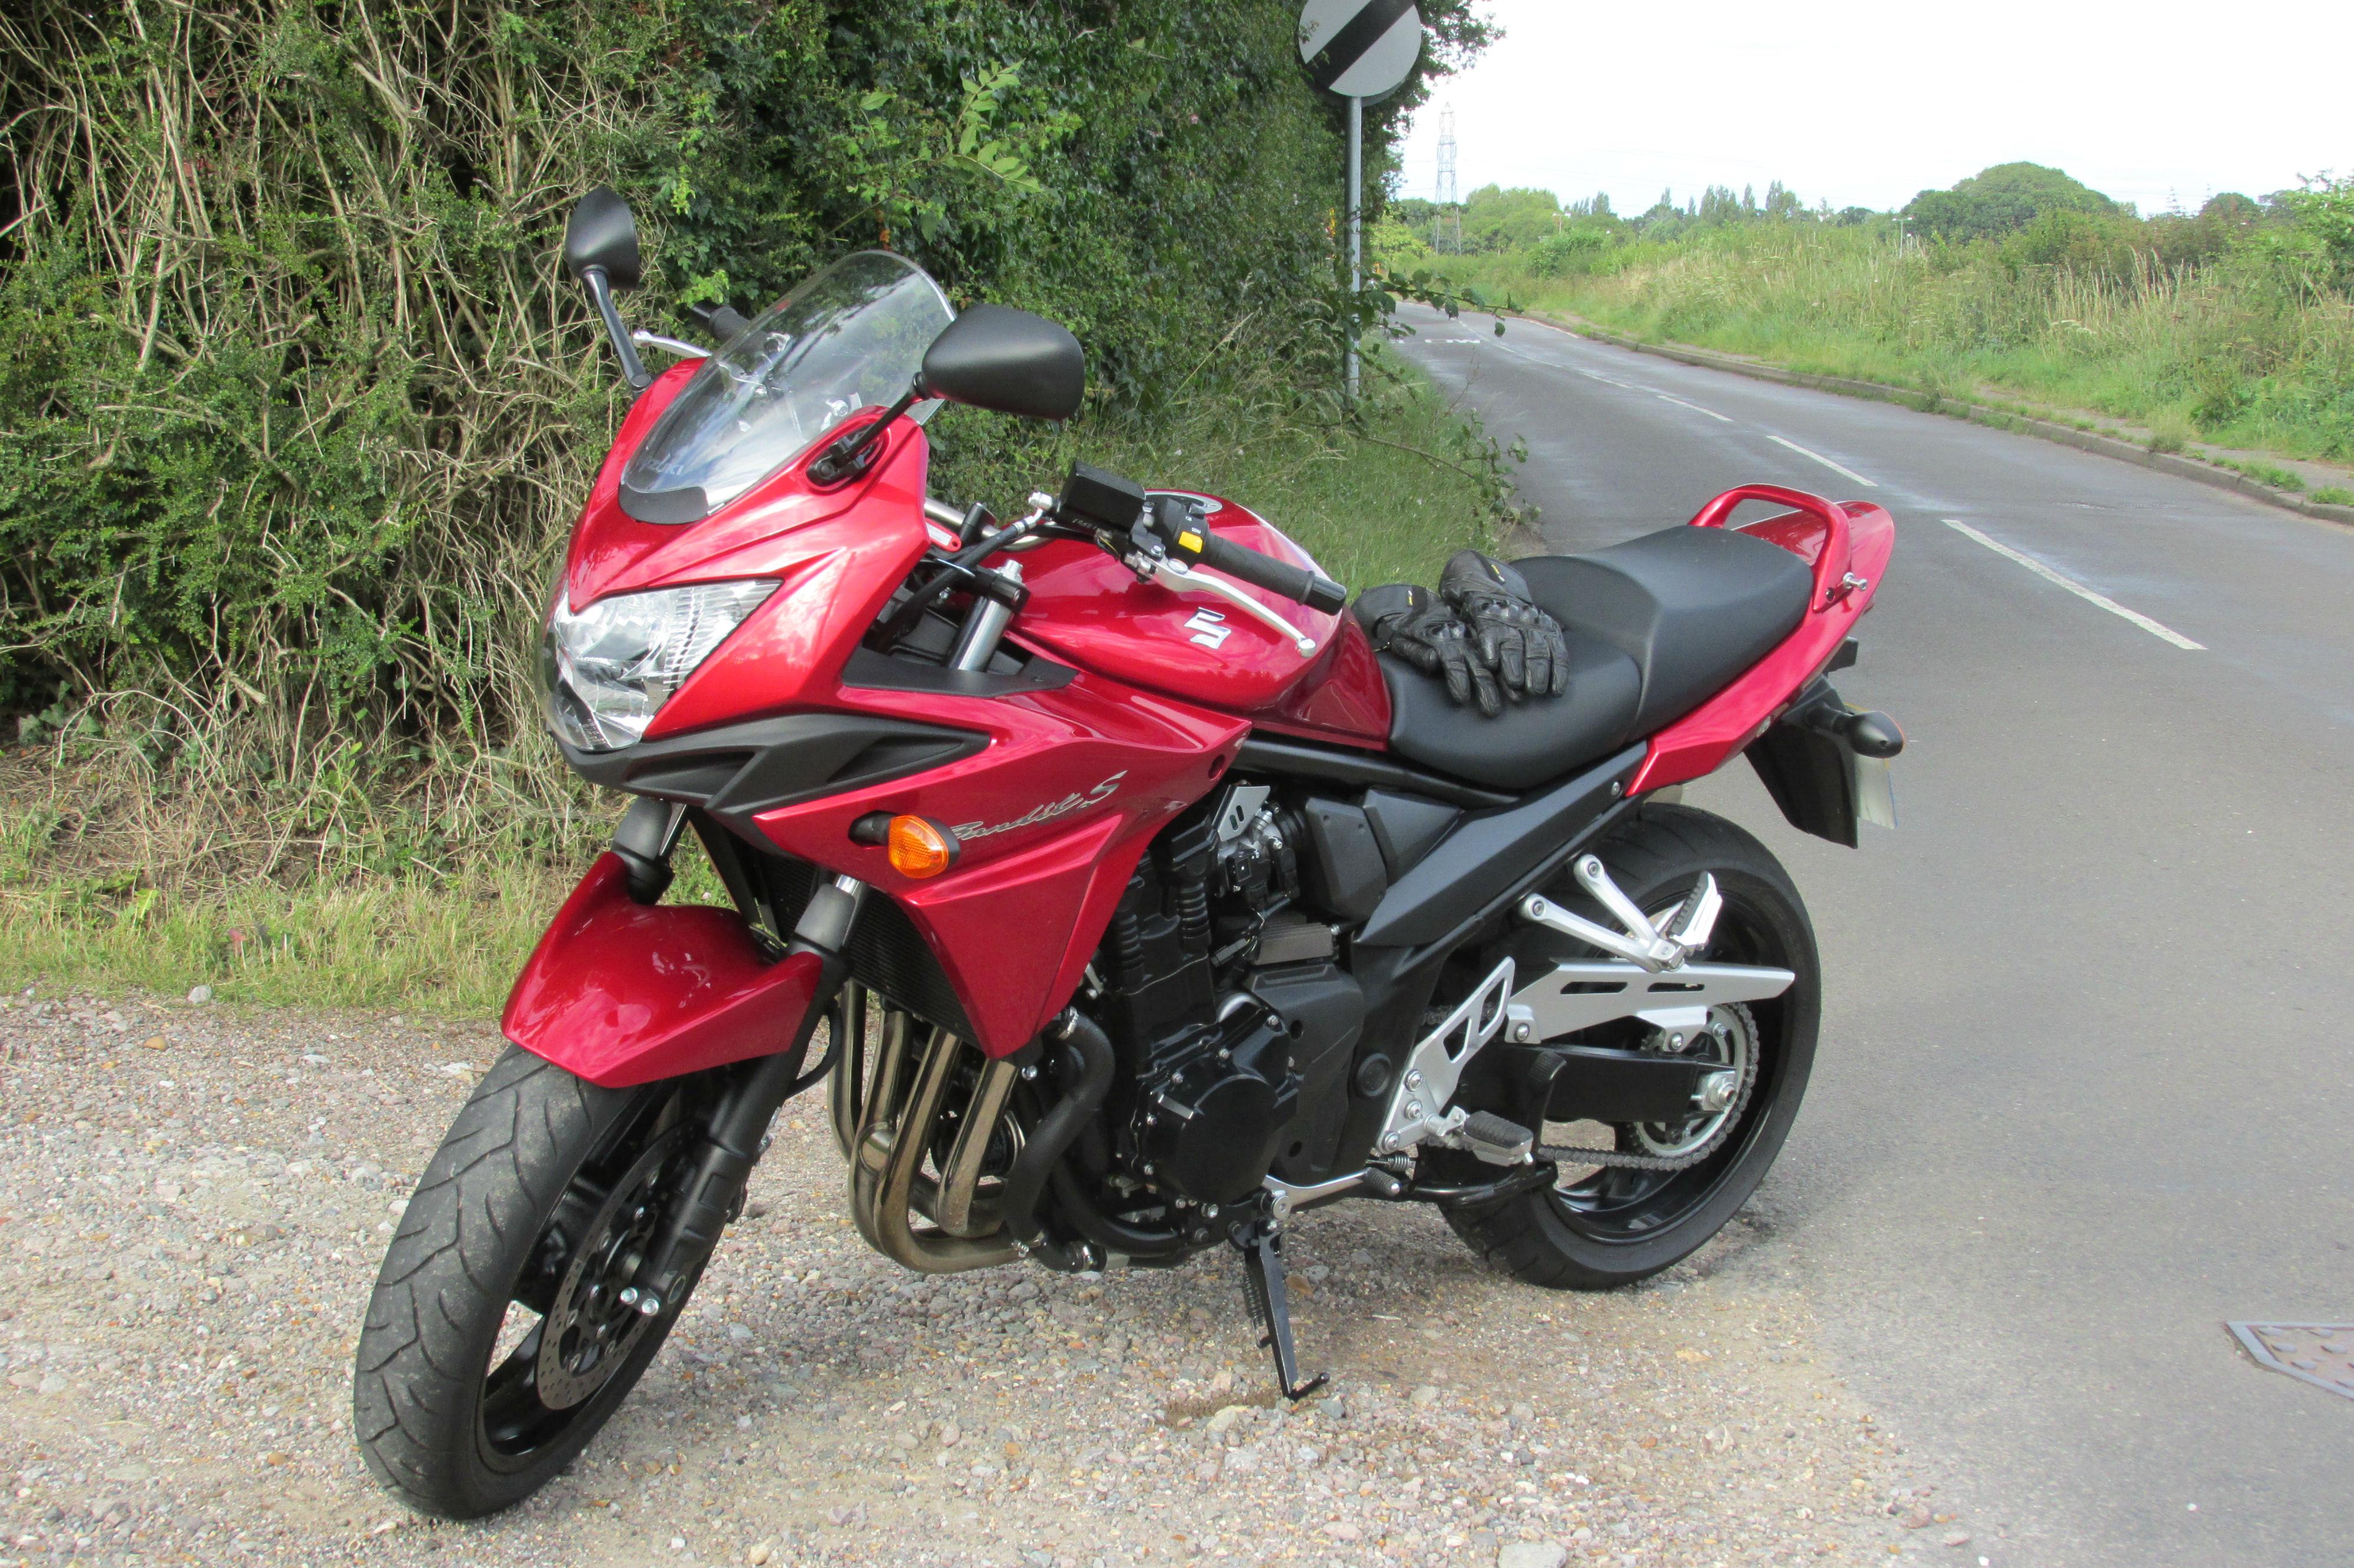 First Ride Suzuki Bandit 1250s Review Visordown